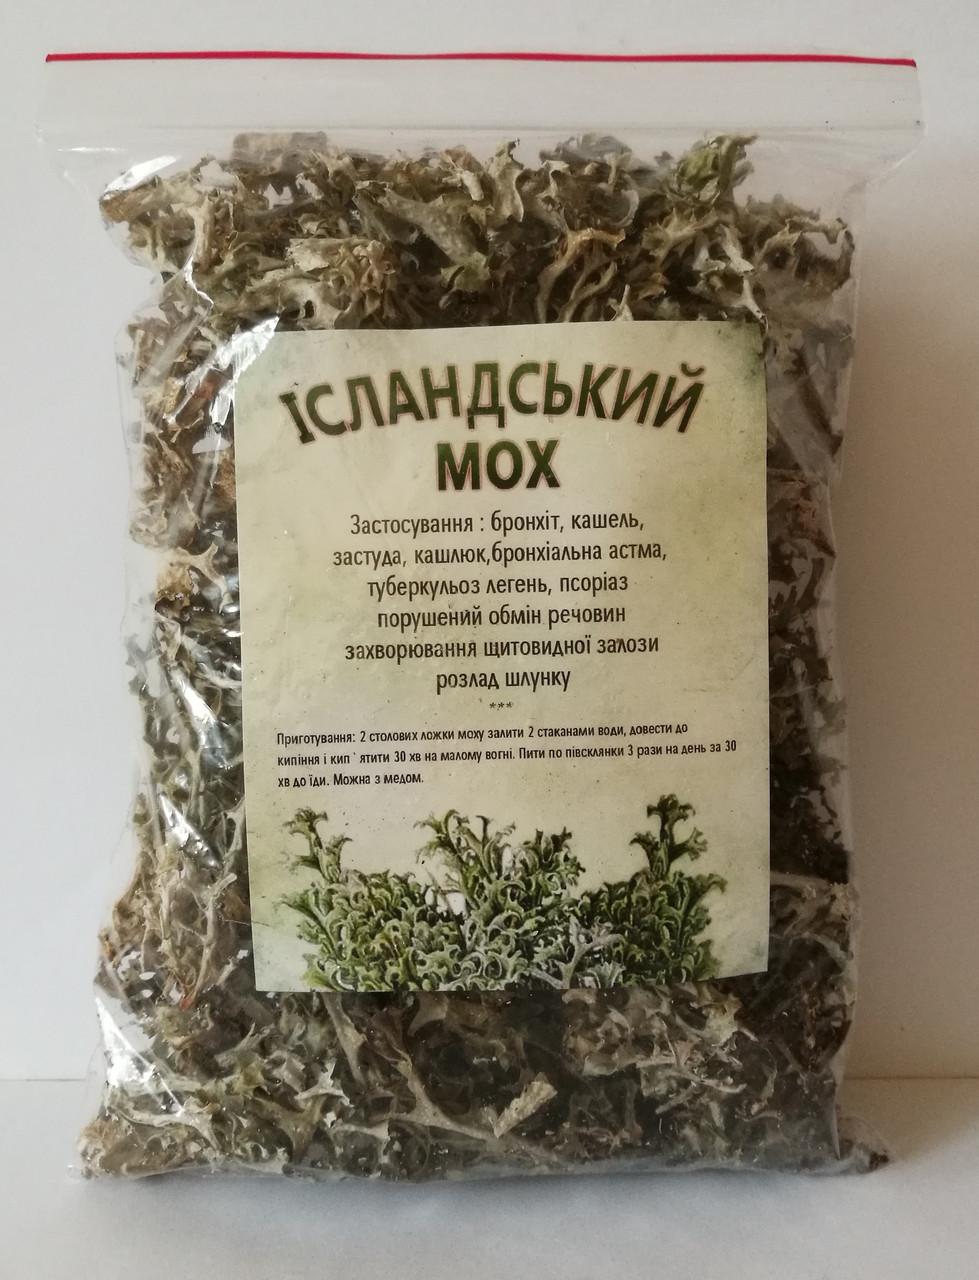 Ирландский мох: лечебные свойства, применение, жемчужный в таблетках, как использовать морской для похудения, фото